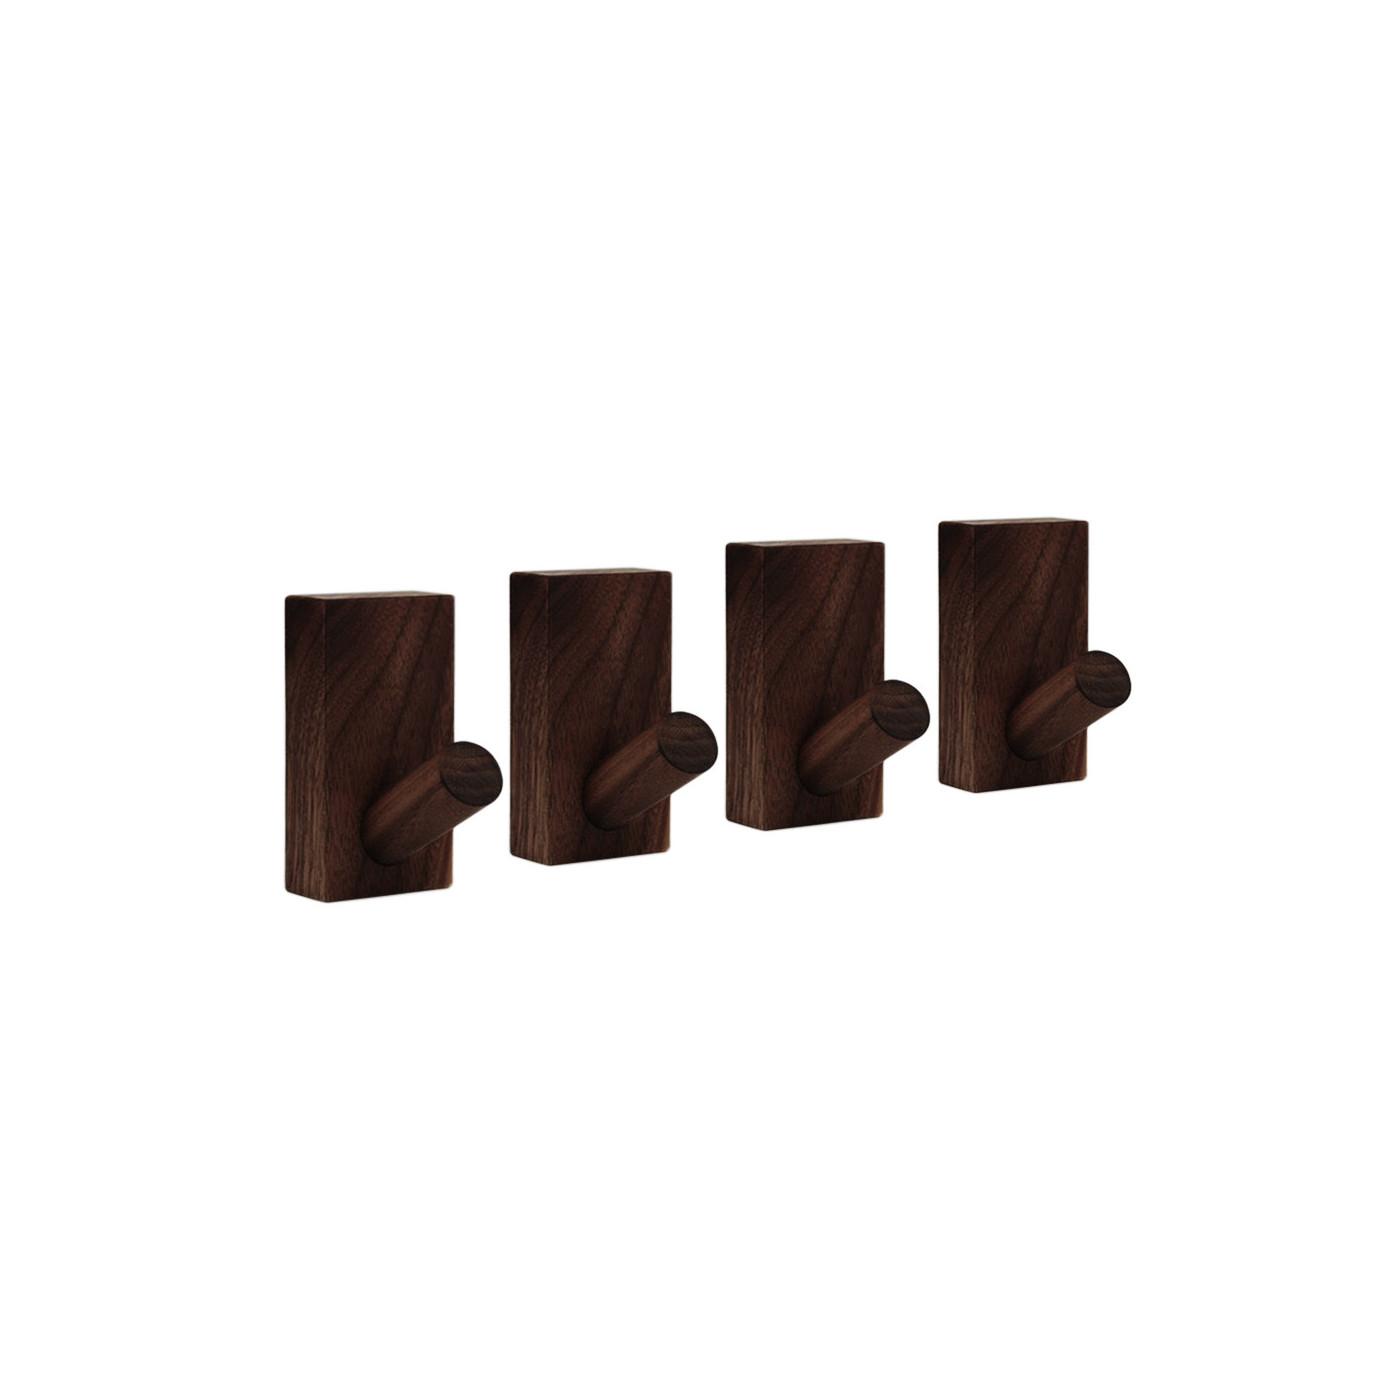 Set von 4 stabilen Kleiderhaken für Jacken und Taschen (Walnuss dunkel)  - 1